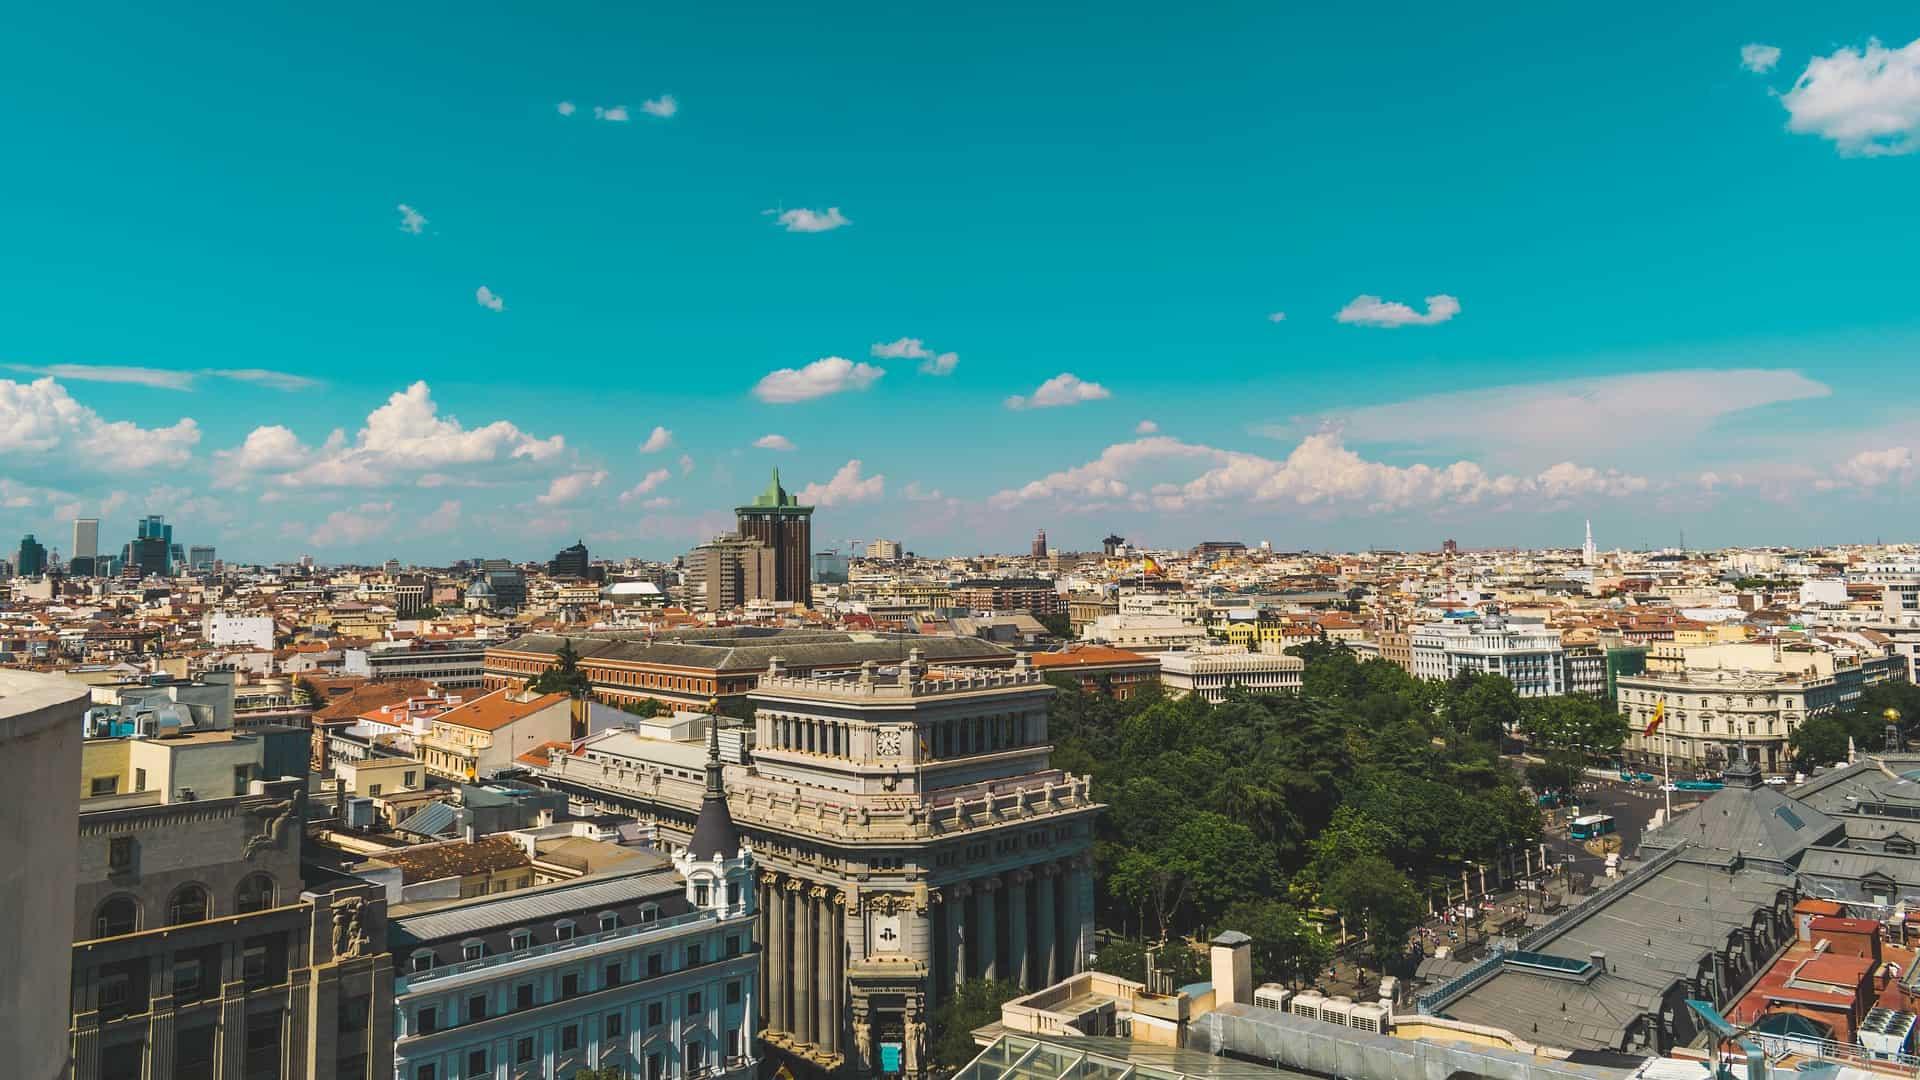 LuxAirtours Schnäppchen - Madrid Städtereise ab 93,00€ Spanien